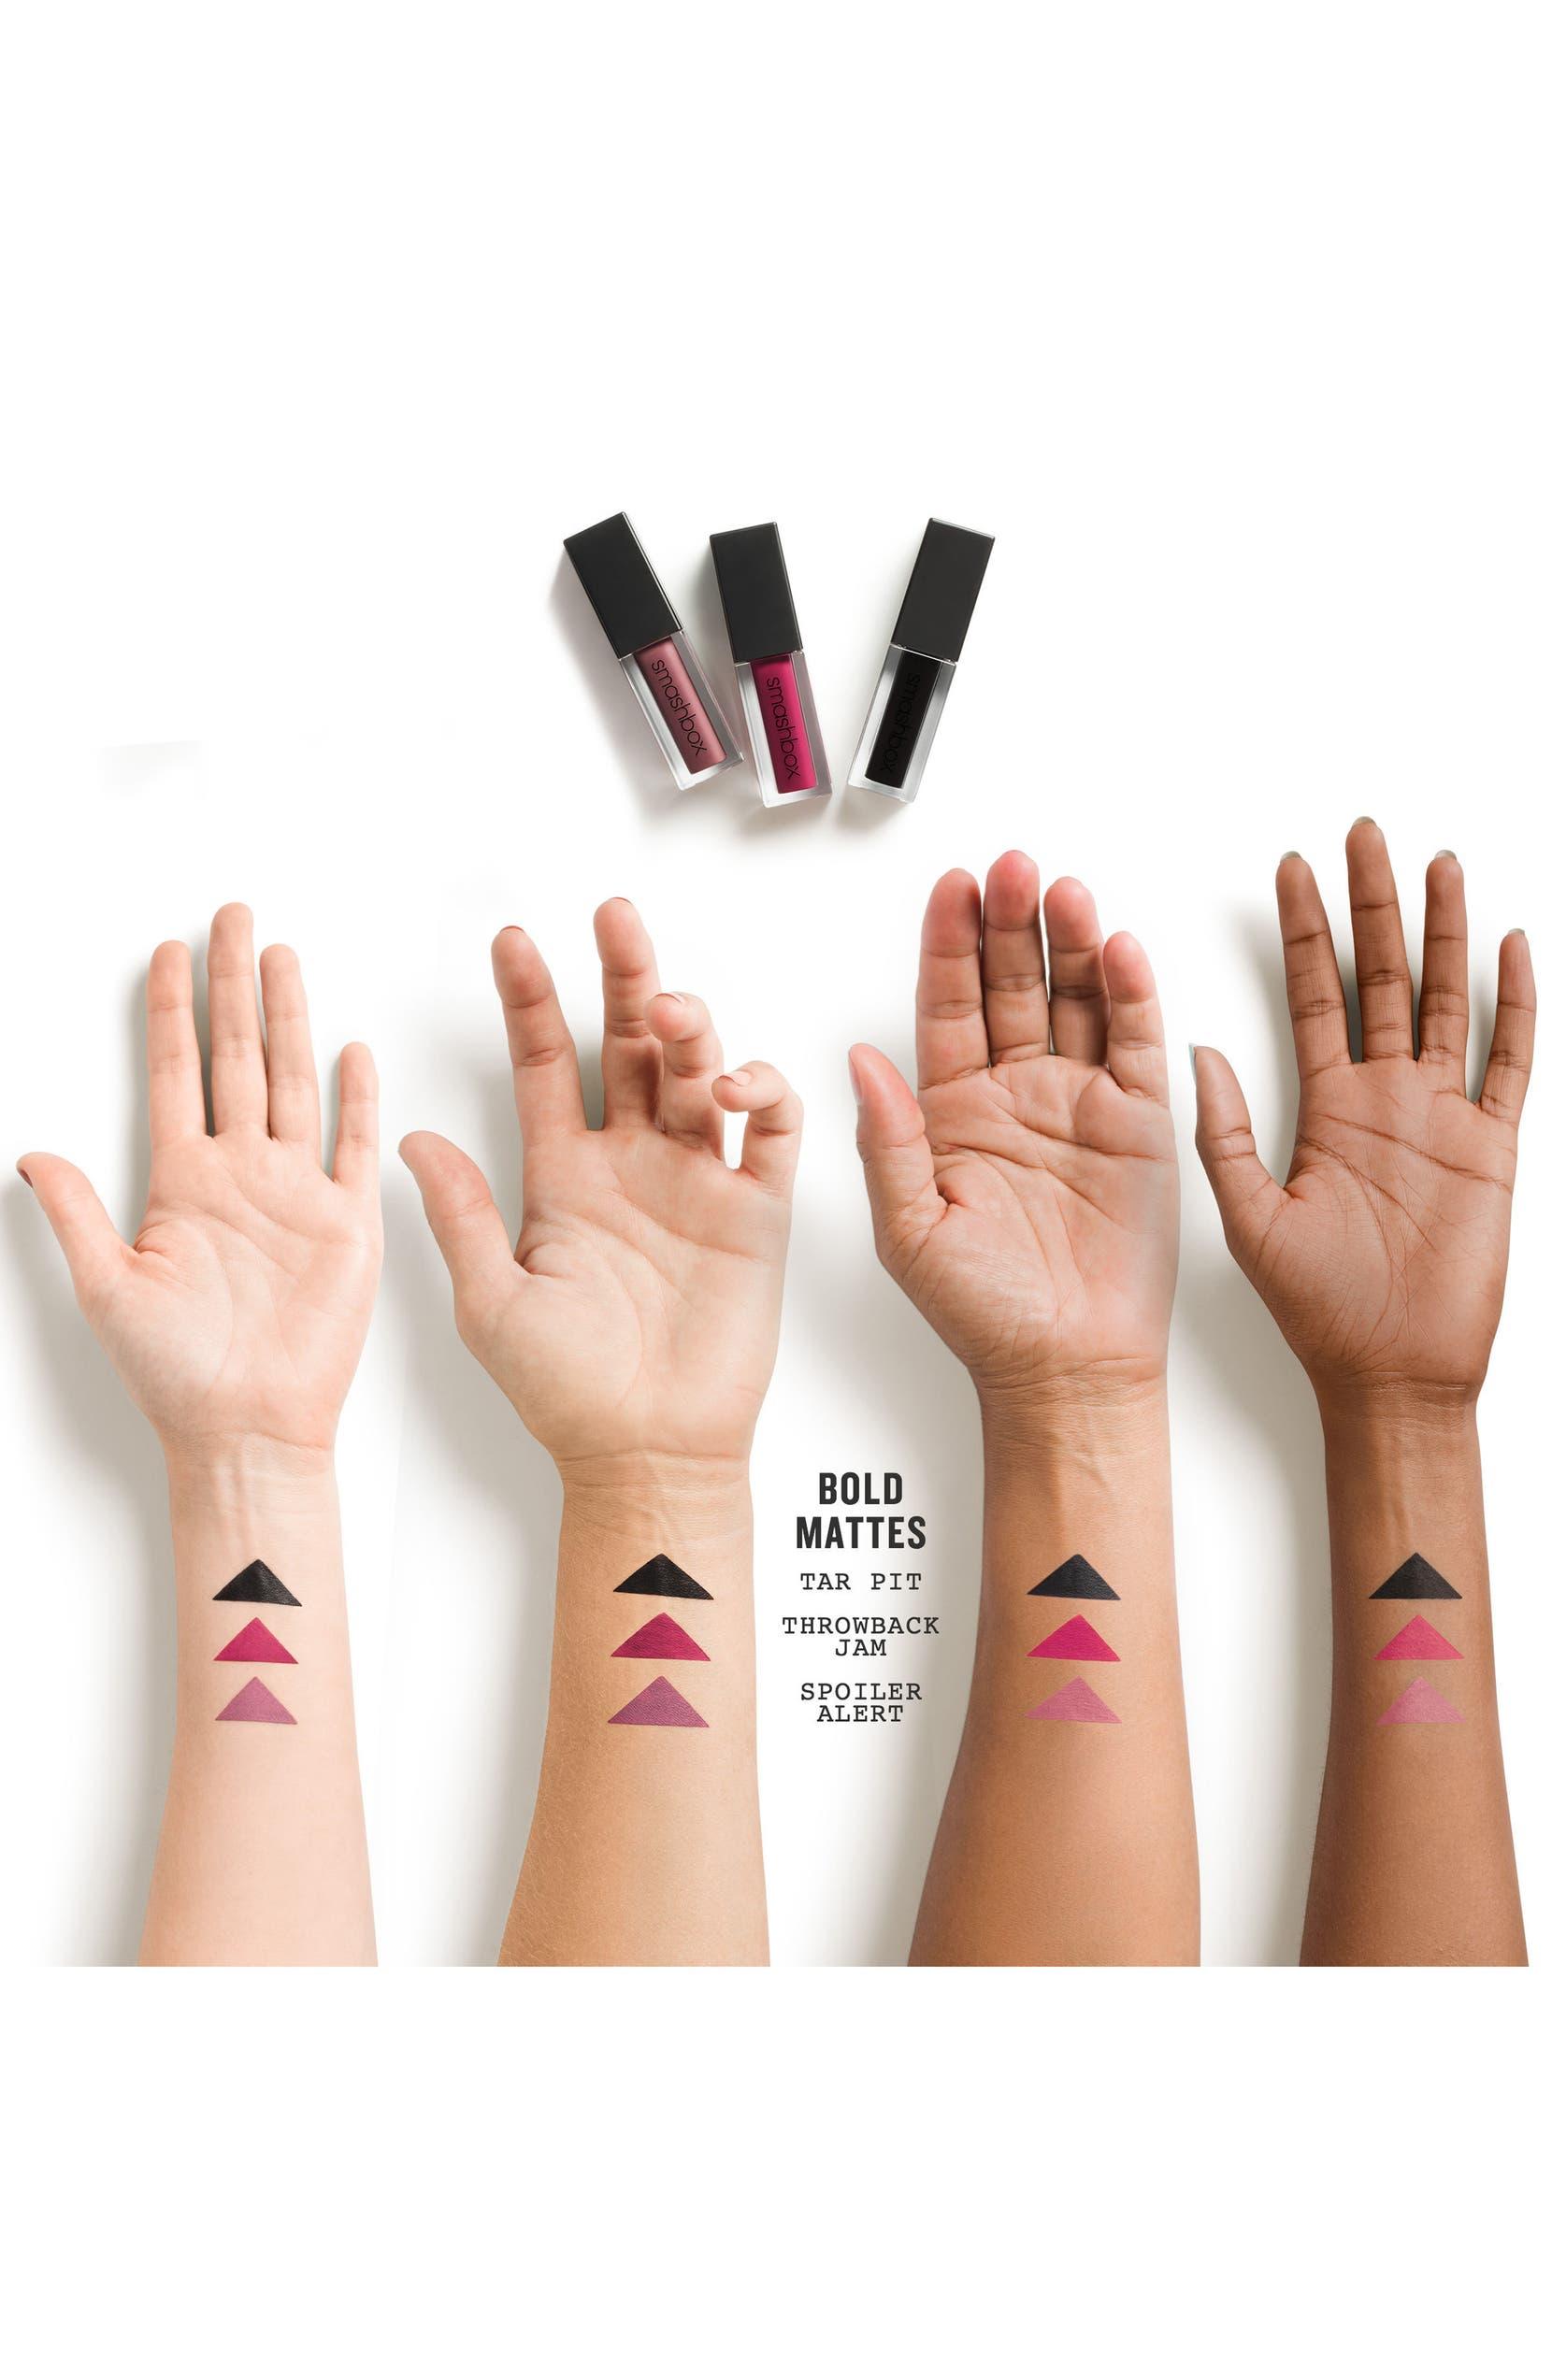 Always On Matte Liquid Lipstick by Smashbox #22